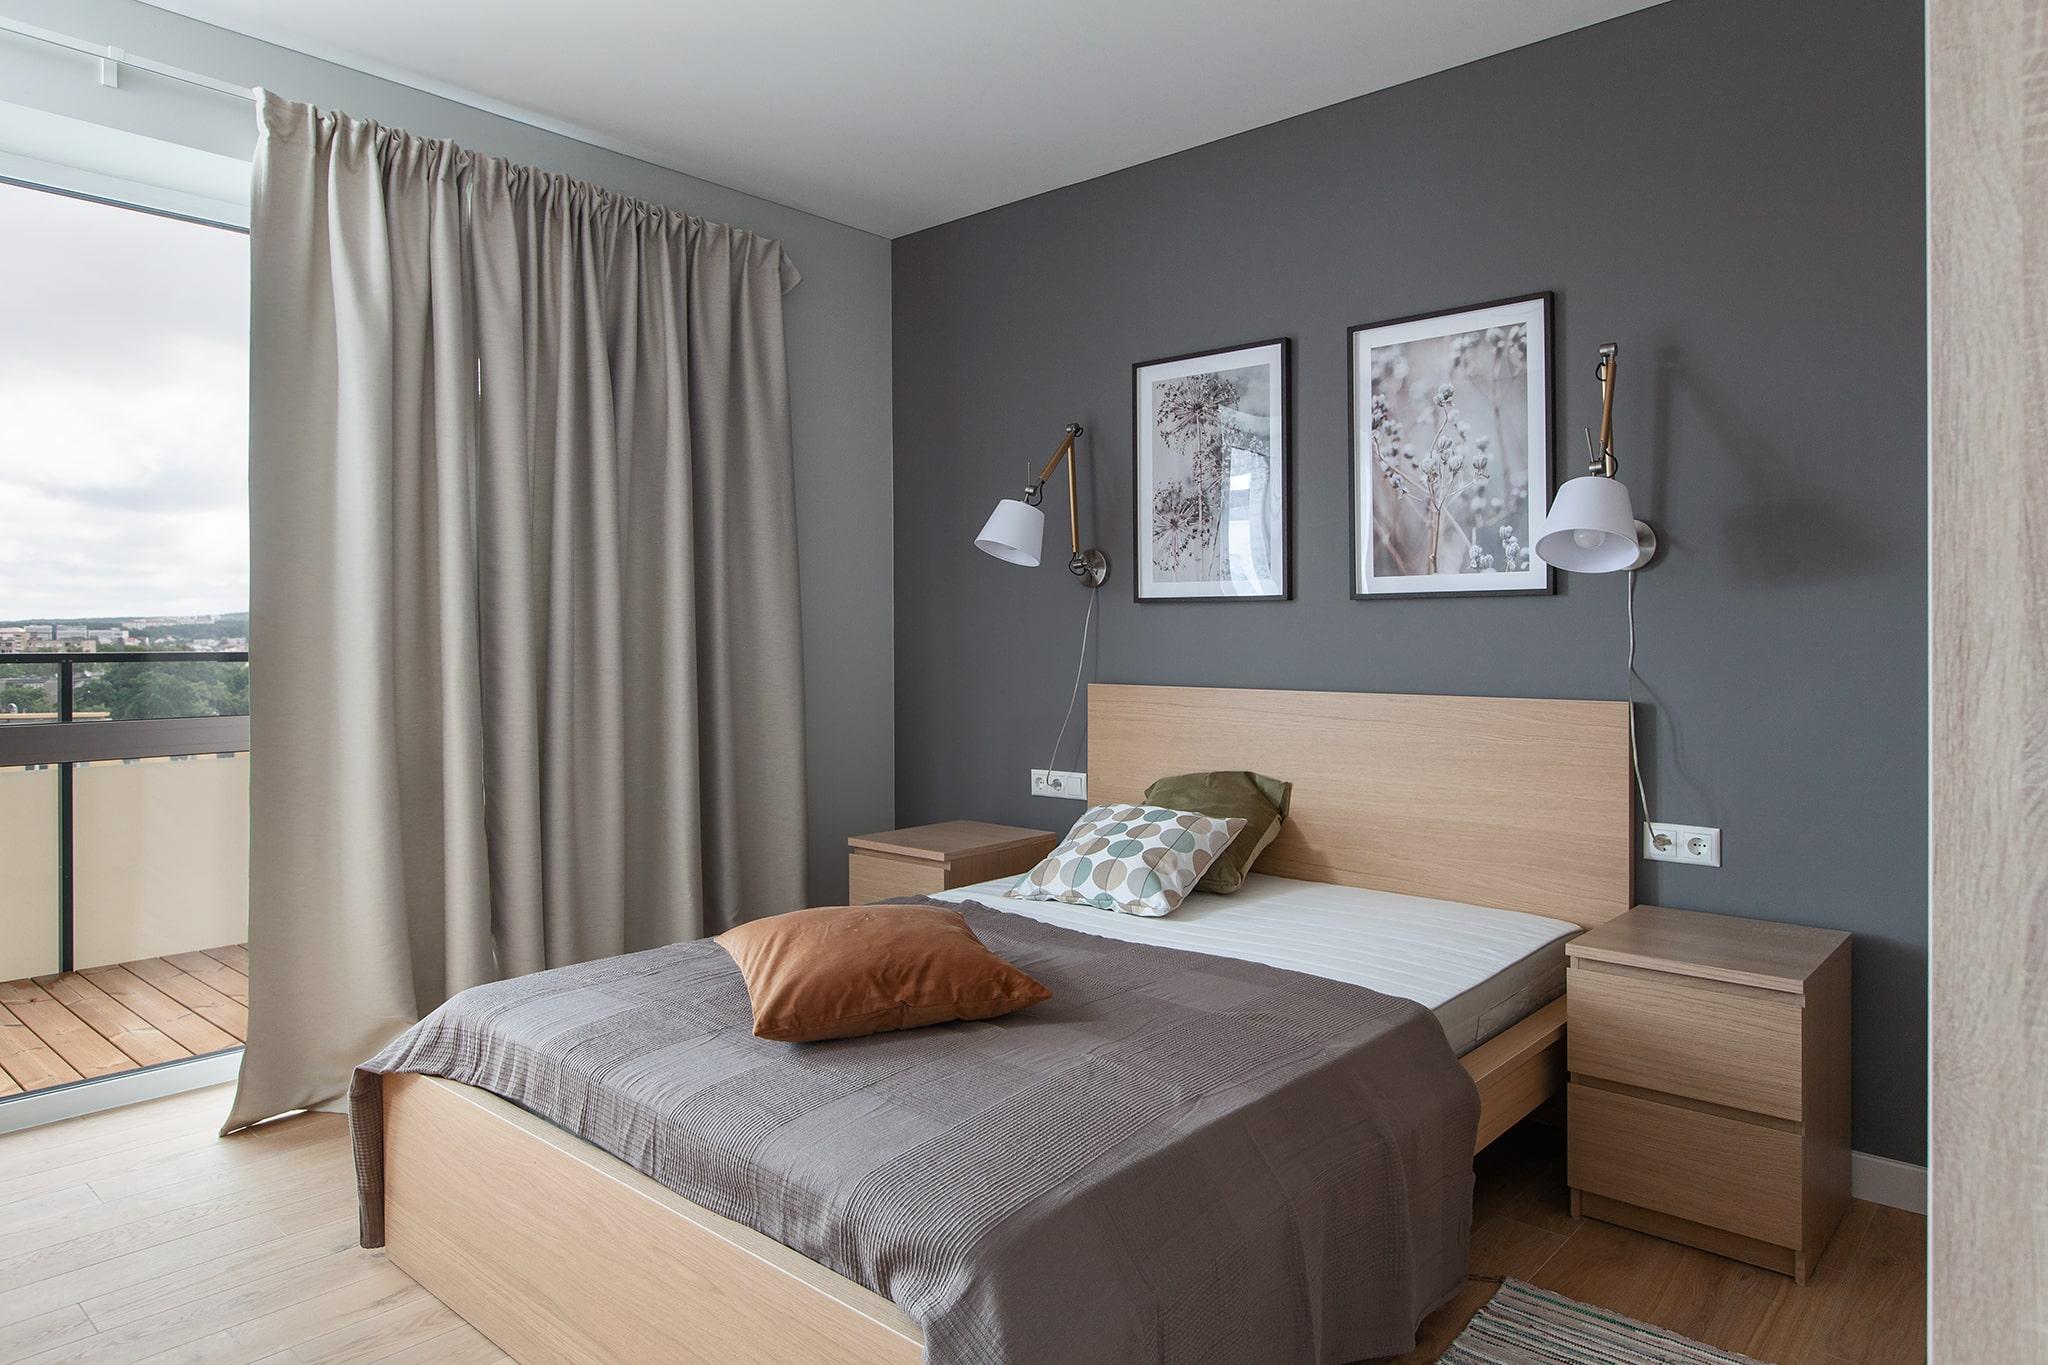 Butas sudarytas iš dviejų kambarių – vieno miegamojo ir vieno gyvenamojo